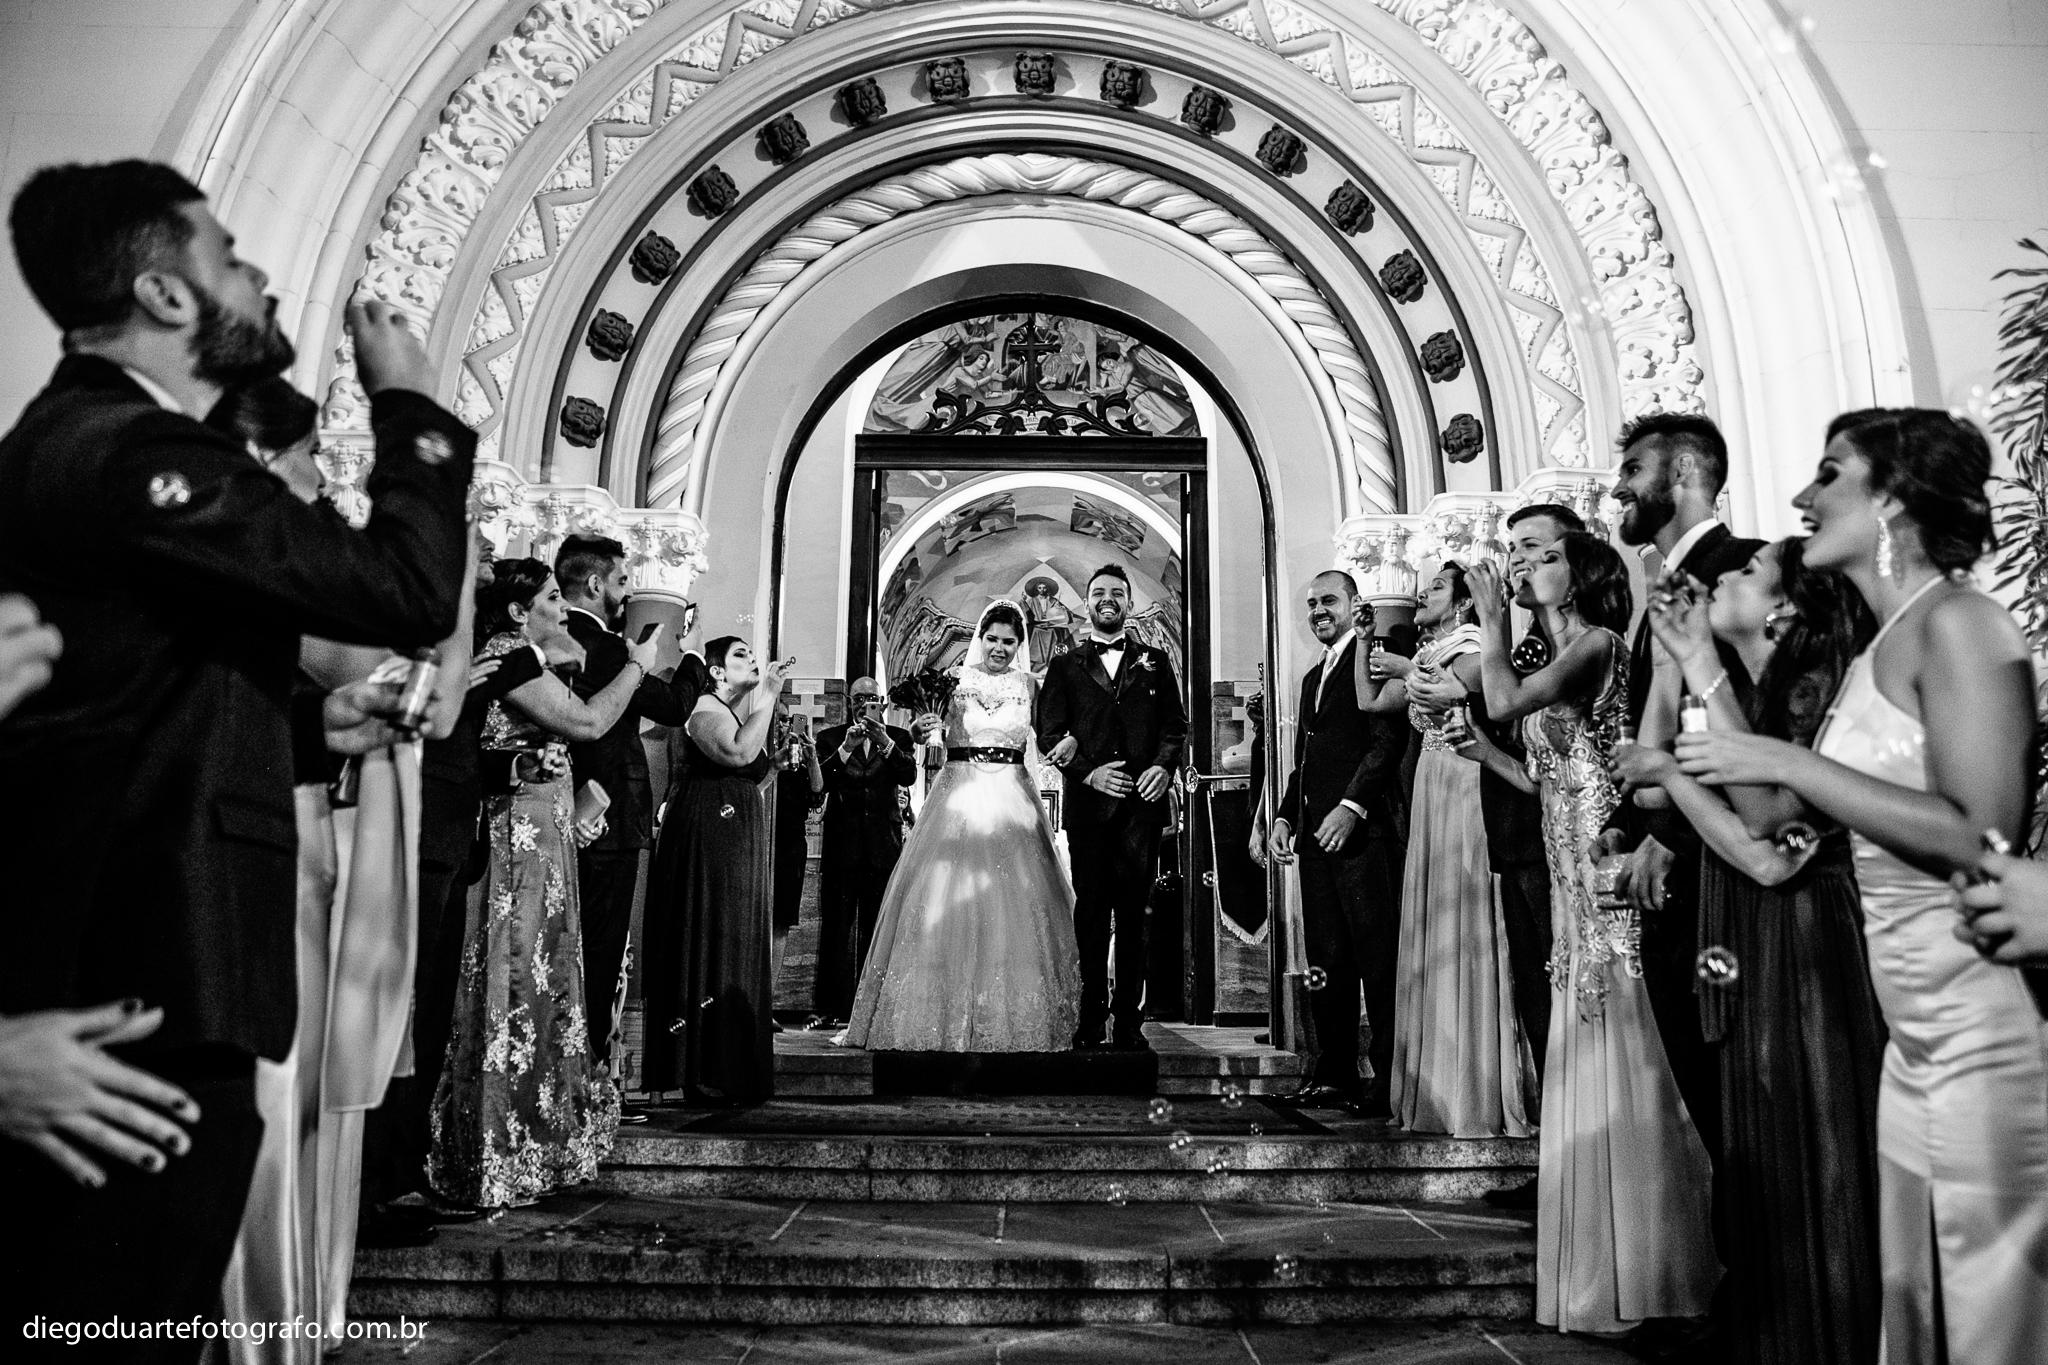 Contate Fotografia de casamento e eventos no RJ - Diego Duarte - Rio de Janeiro, fotógrafo Diego Duarte